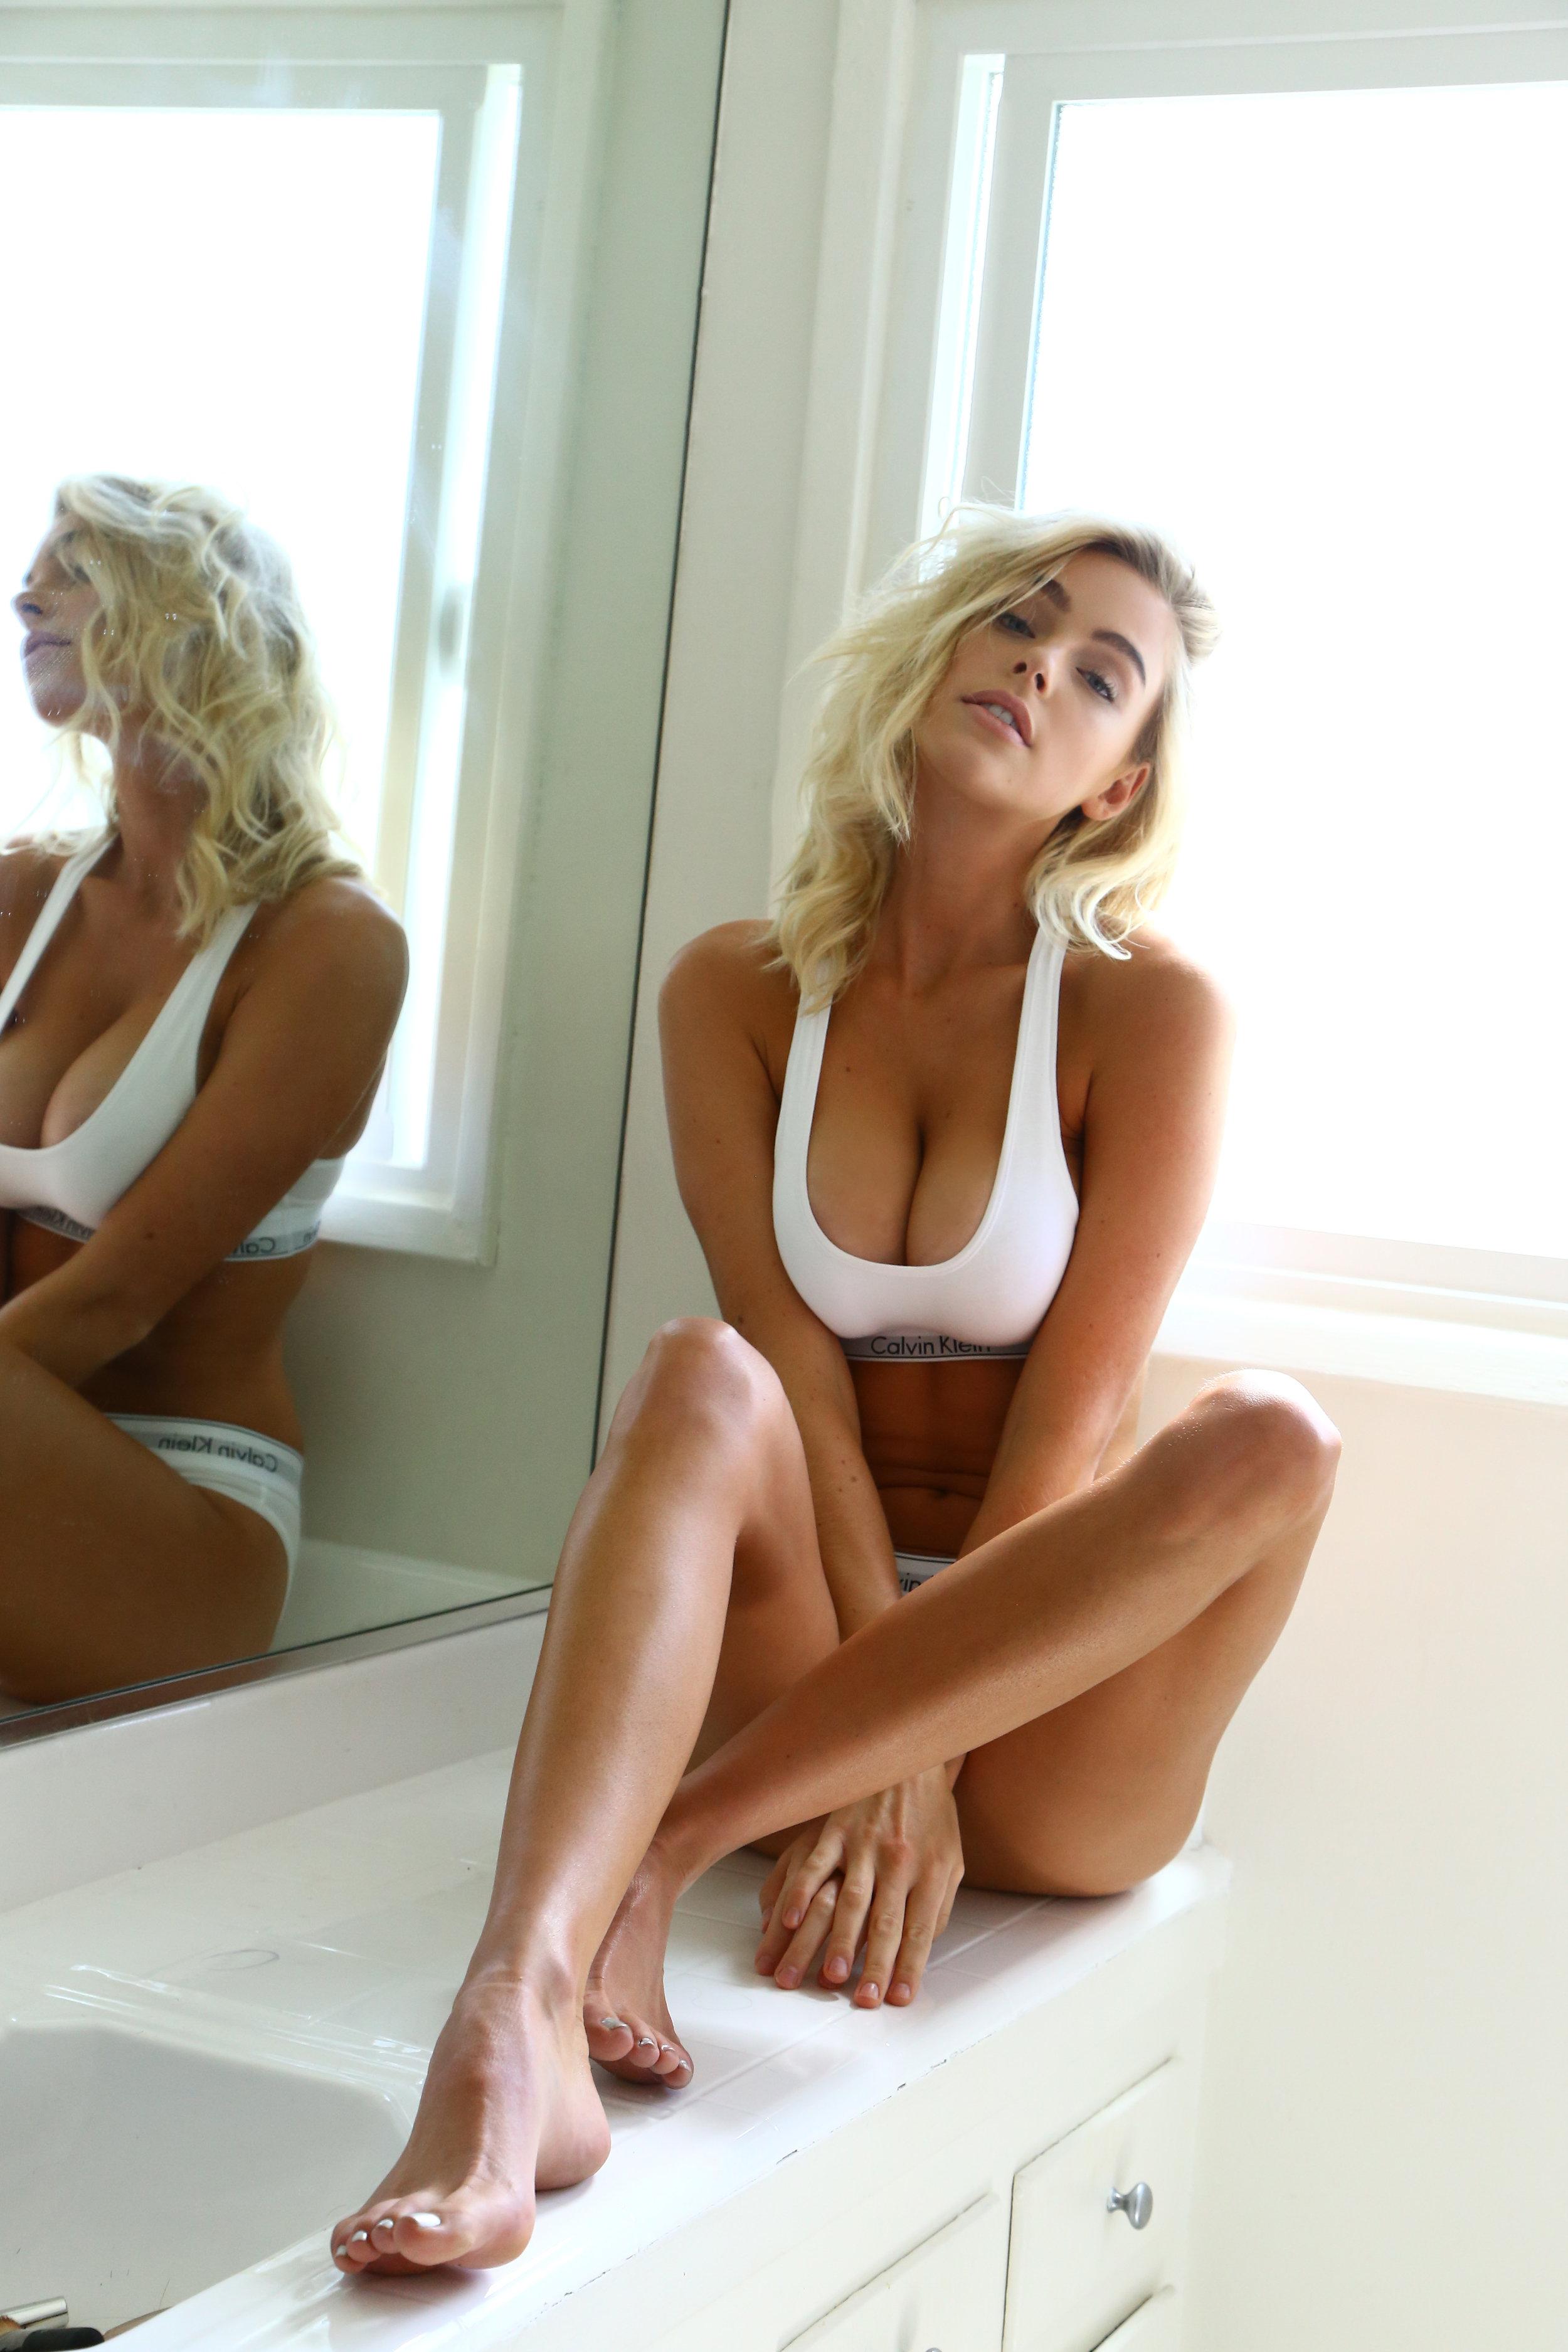 Cleavage Elizabeth Turner nude photos 2019